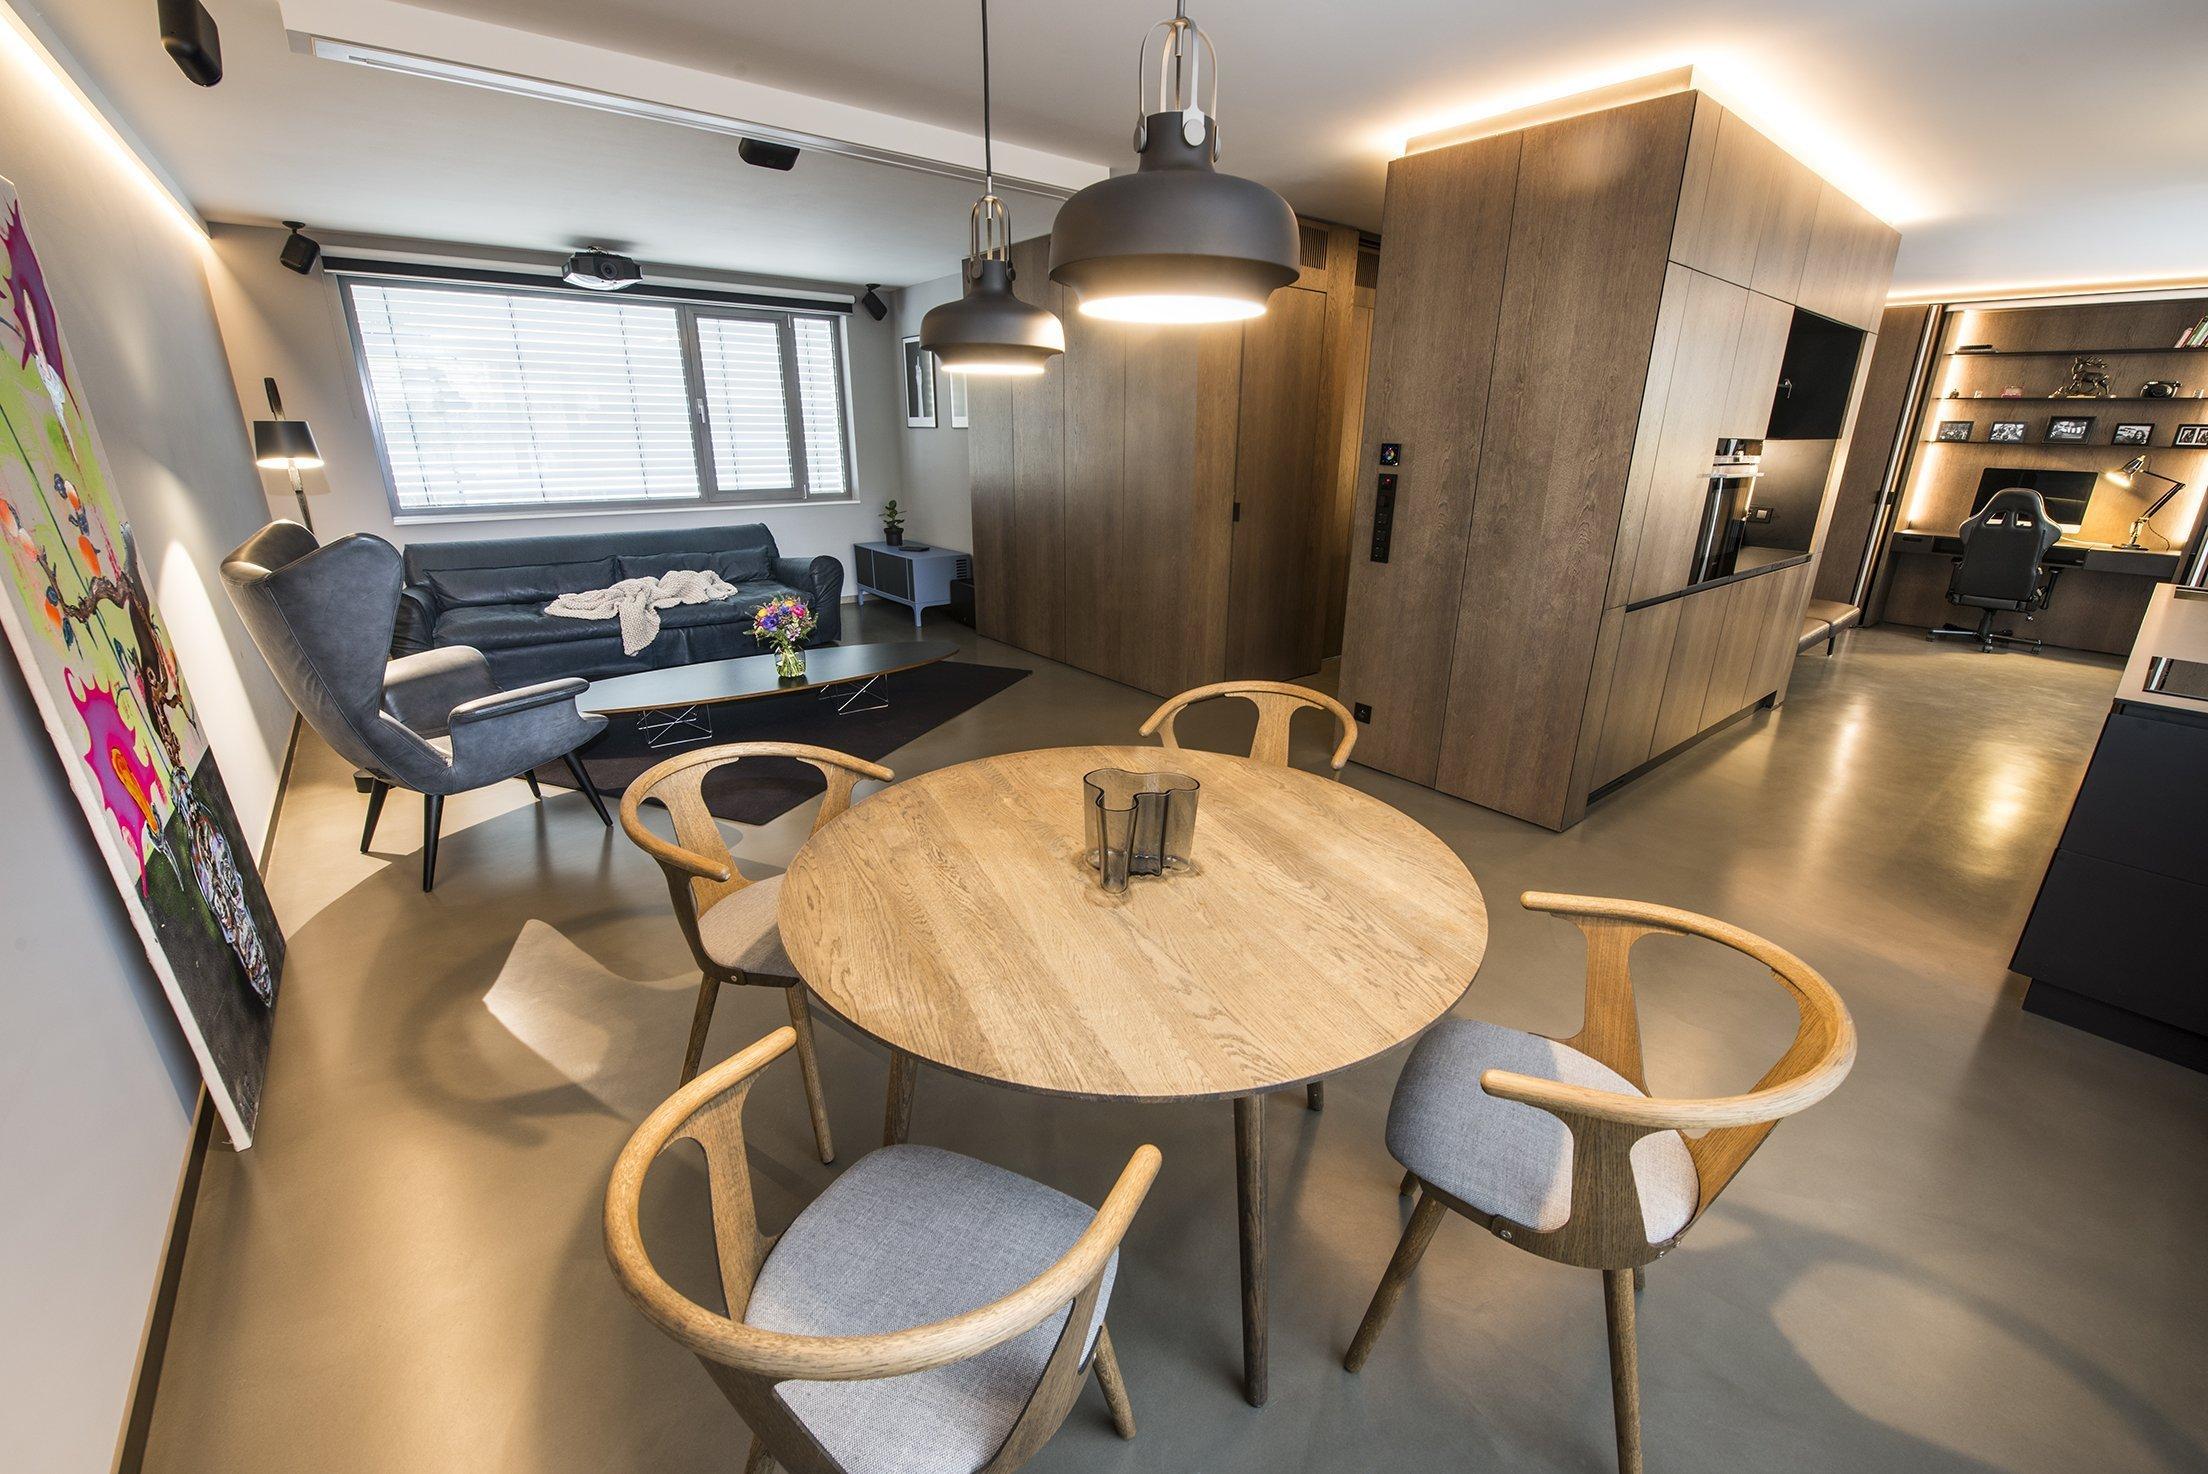 Zajímavý loft se spoustou překvapivých řešení. Sklápění, posouvání, spouštění, skrývání ... modifikují účel čistého prostoru sjednoceného přírodním materiálům a nadstandardním řemeslným detailům.